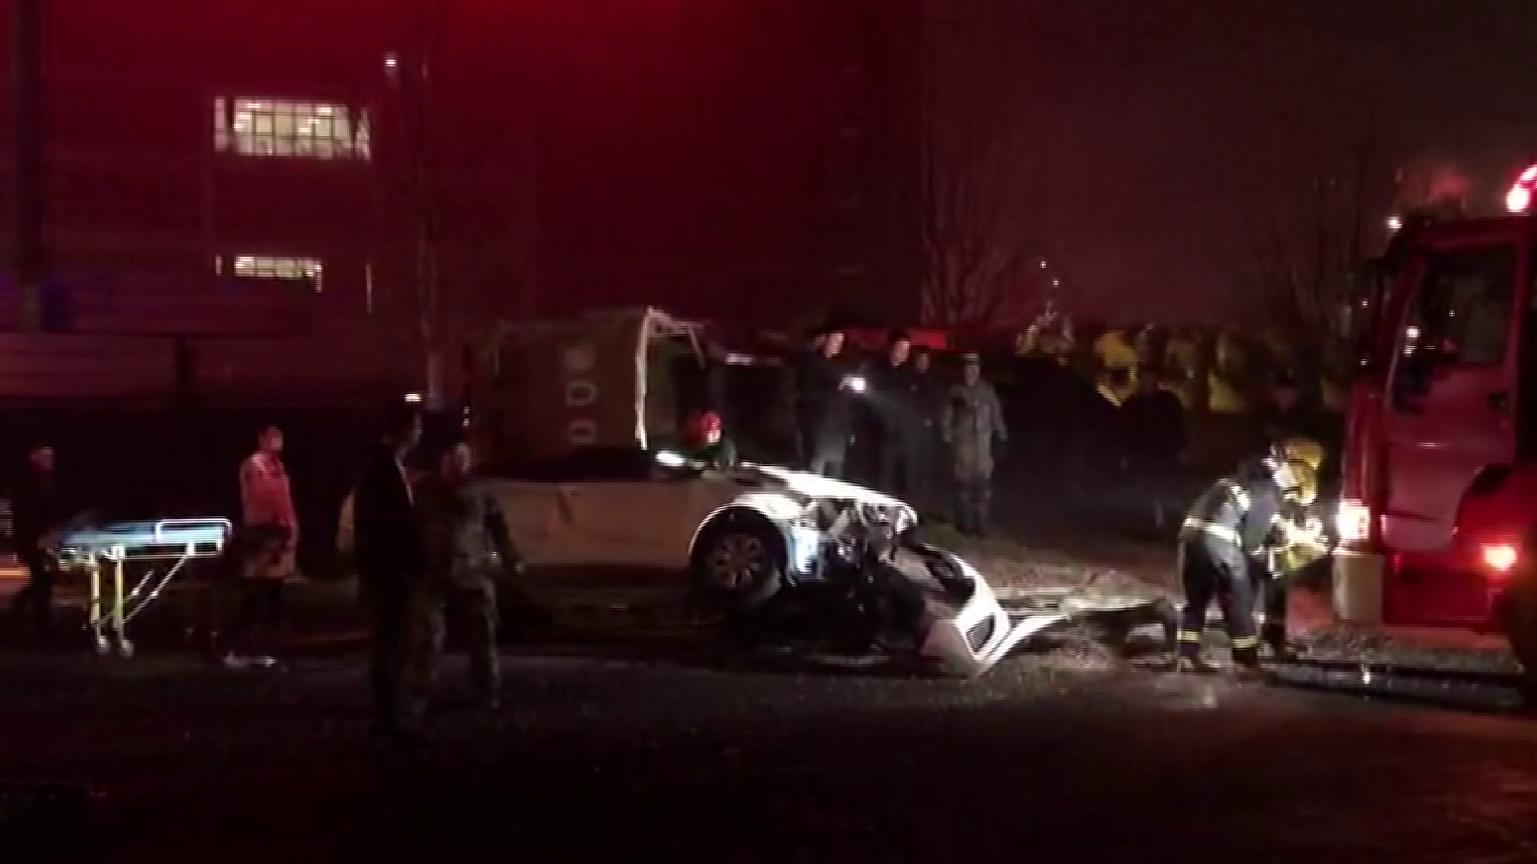 30秒丨临沂一货车侧翻掩埋轿车司机被困 消防徒手扒石子救援